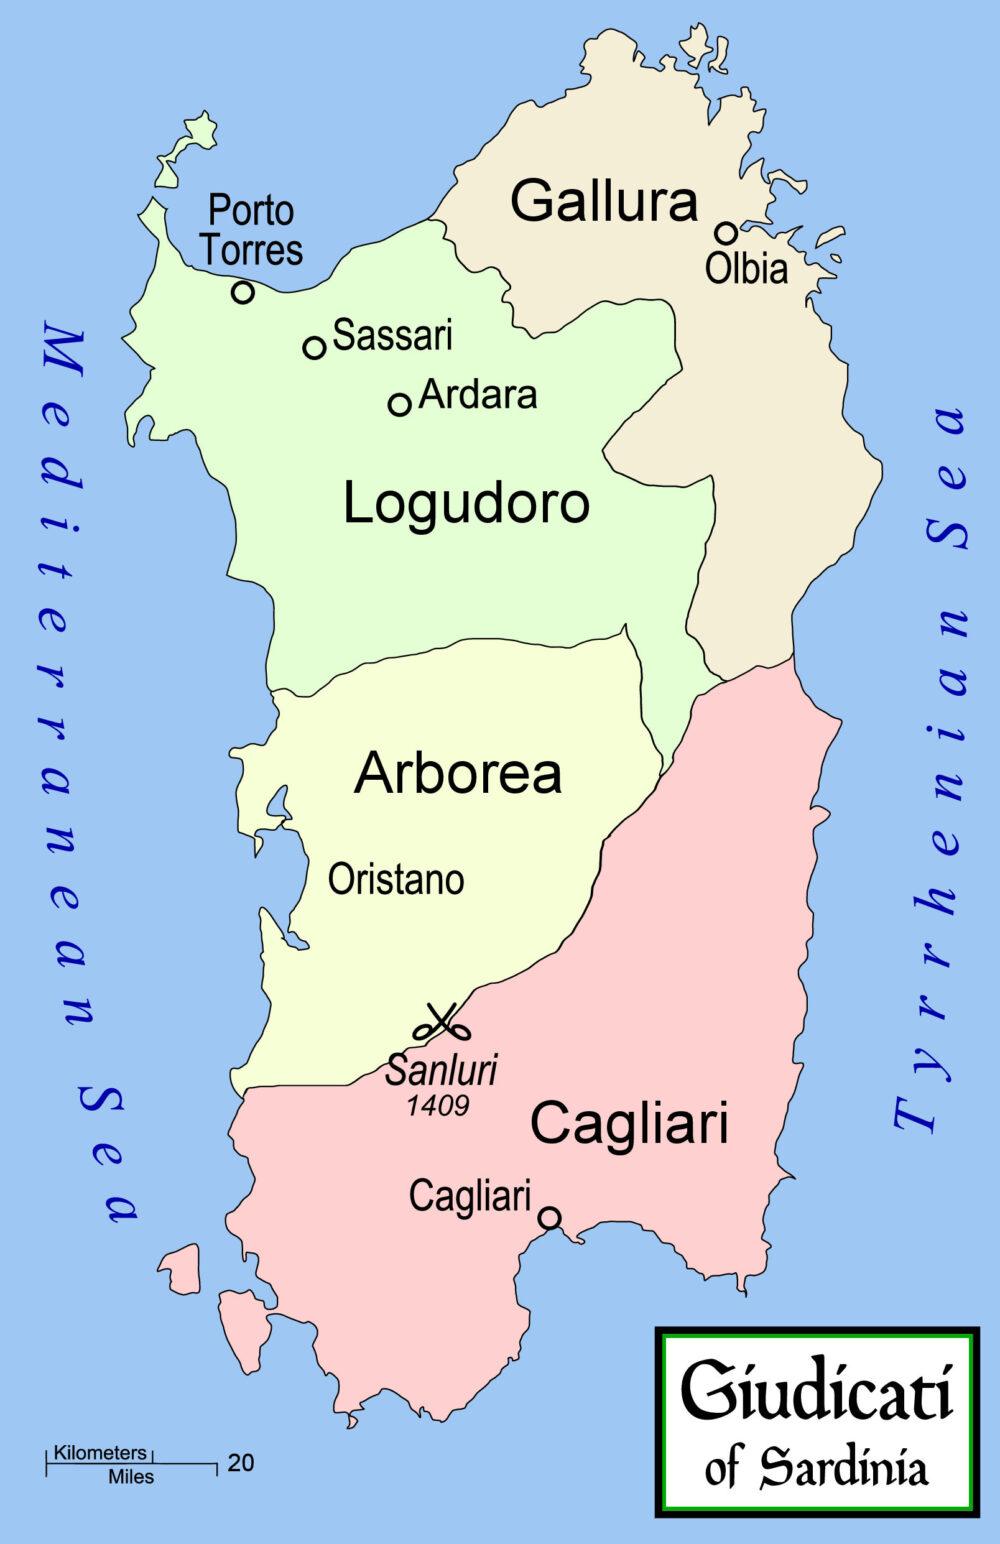 La Sardegna Giudicale – Le Storie di Ieri